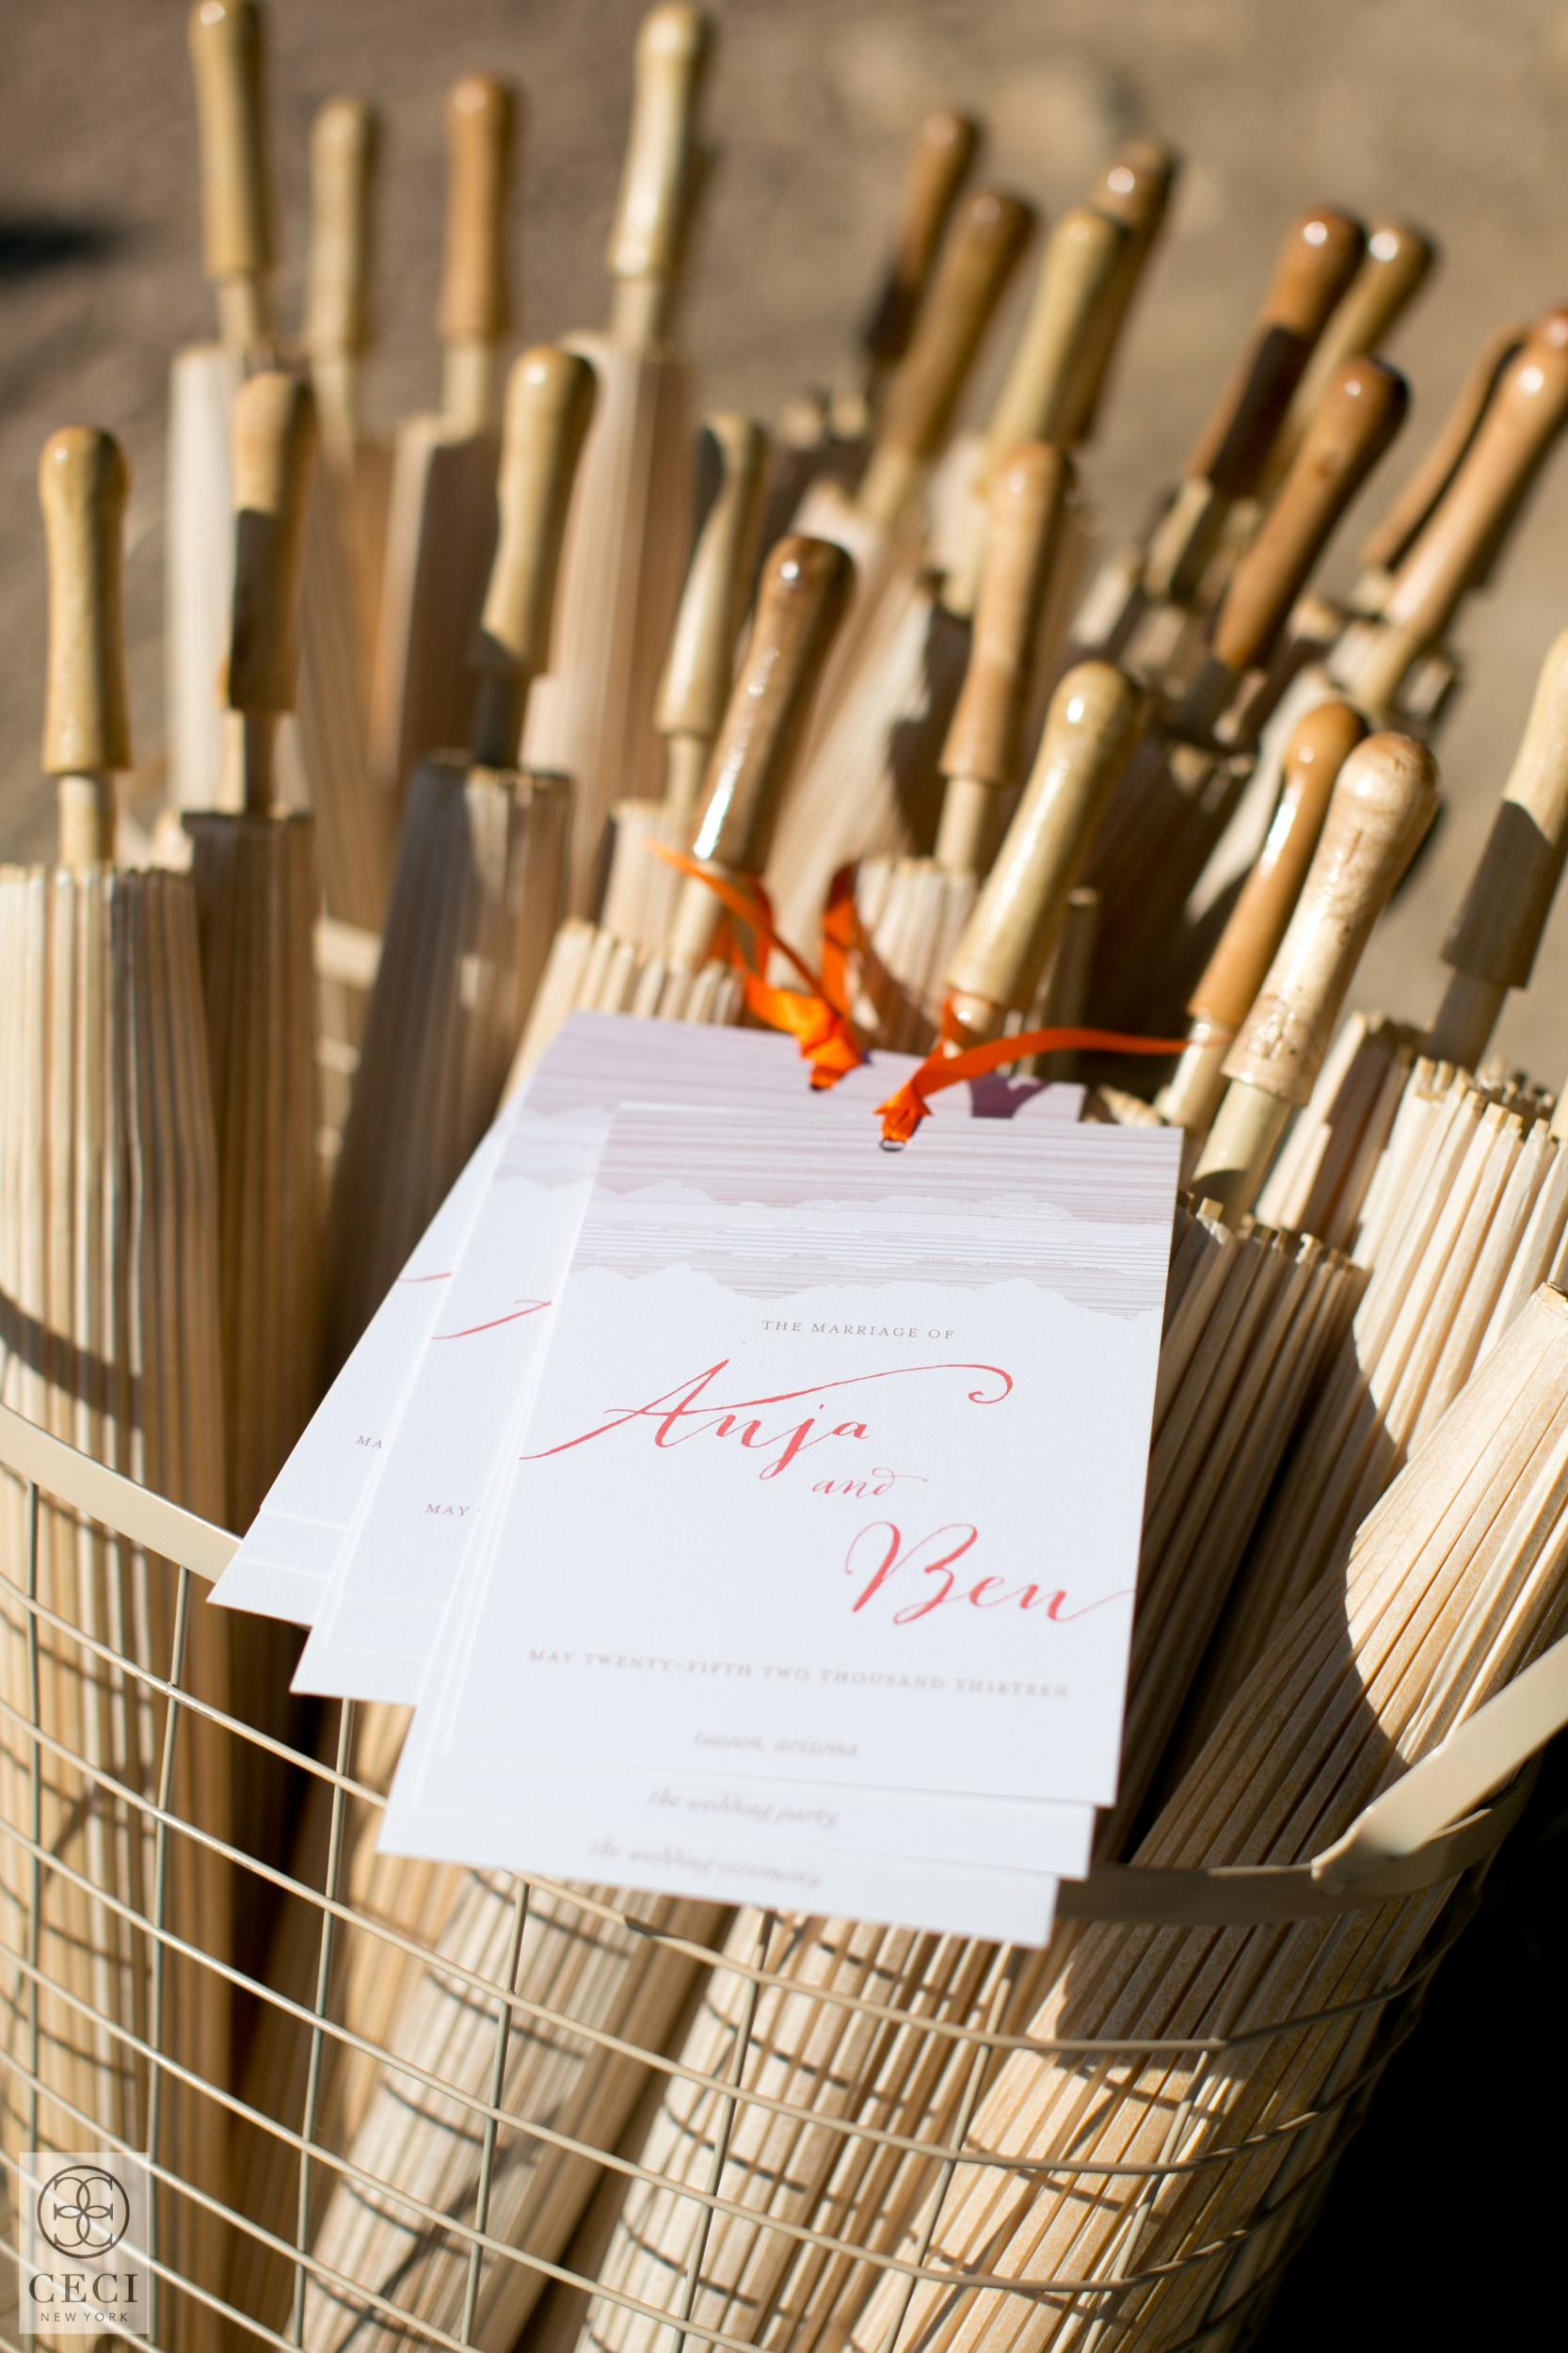 Ceci_New_York_Ceci_Style_Ceci_Johnson_Luxury_Lifestyle_Arizona_Wedding_Watercolor_Inspiration_Design_Custom_Couture_Personalized_Invitations_.jpg